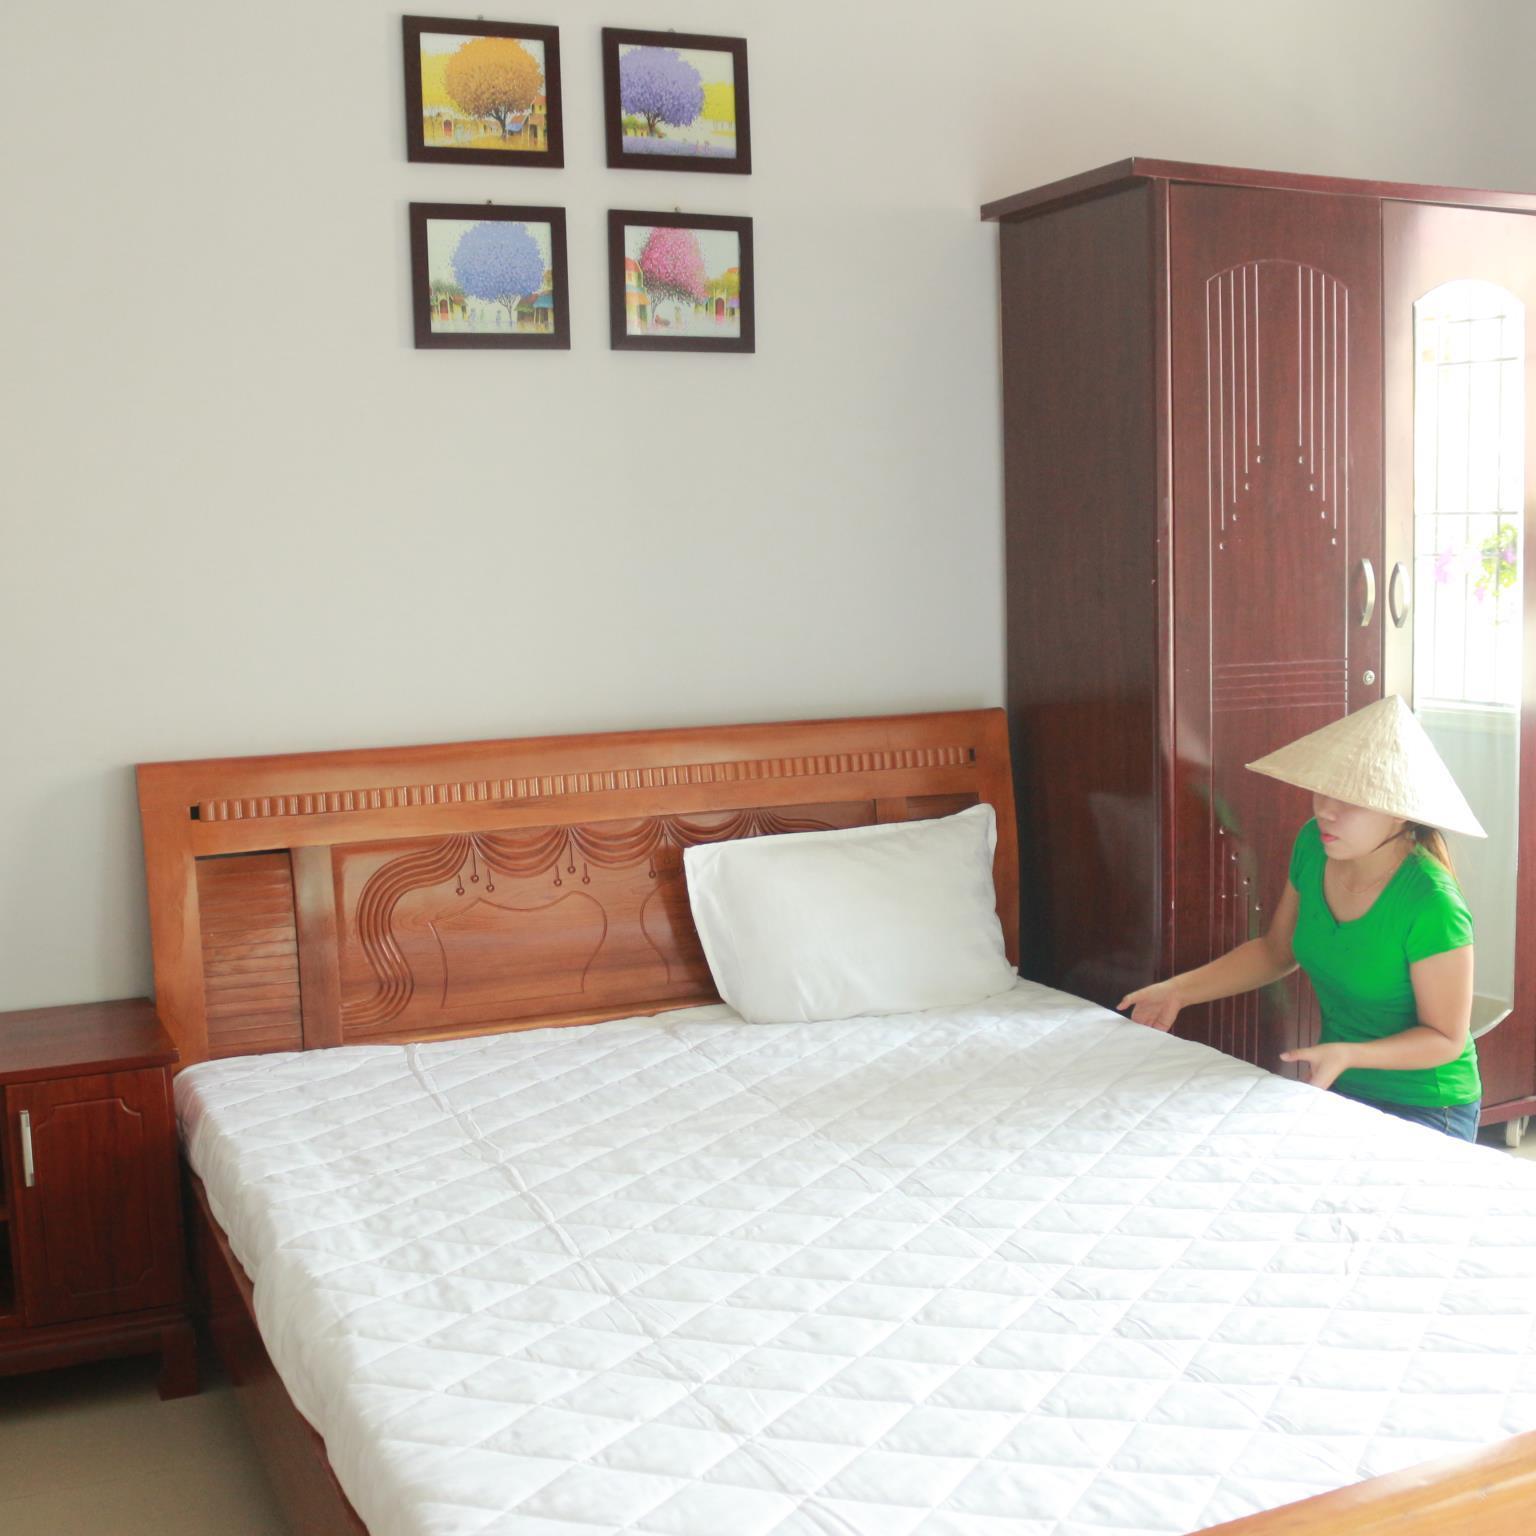 Các phòng của Mint đều có cửa sổ và ban công thoáng mát